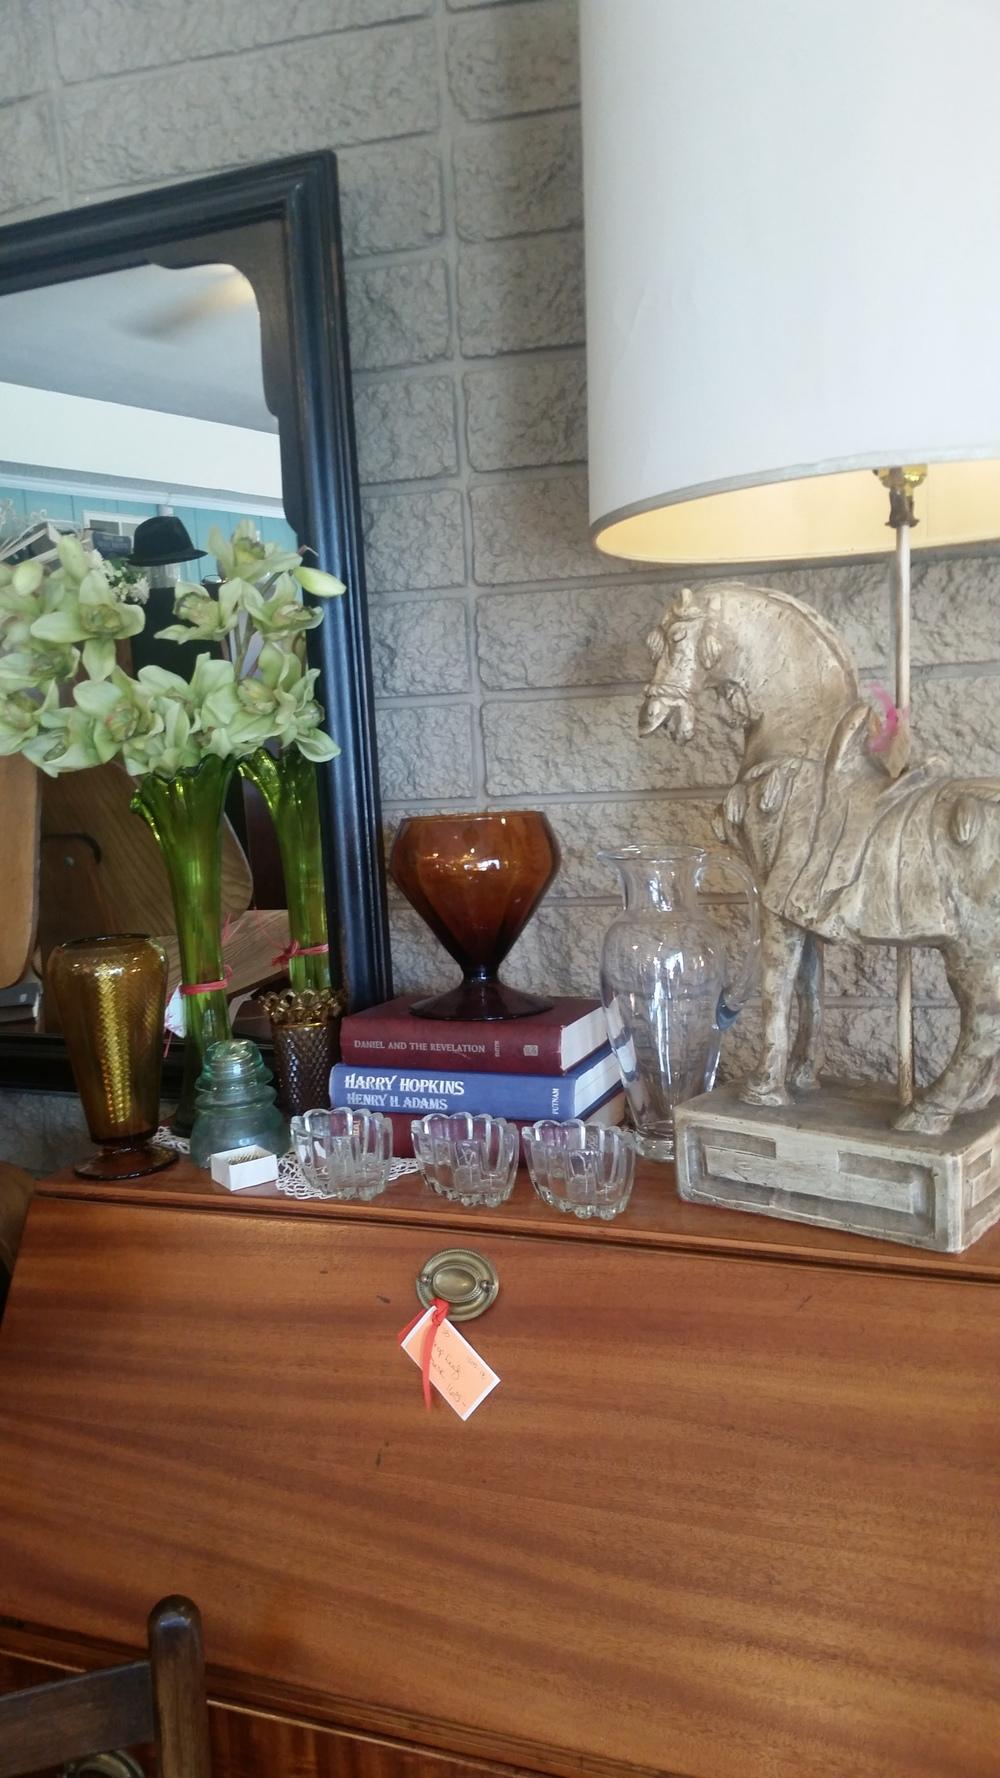 Living space displays